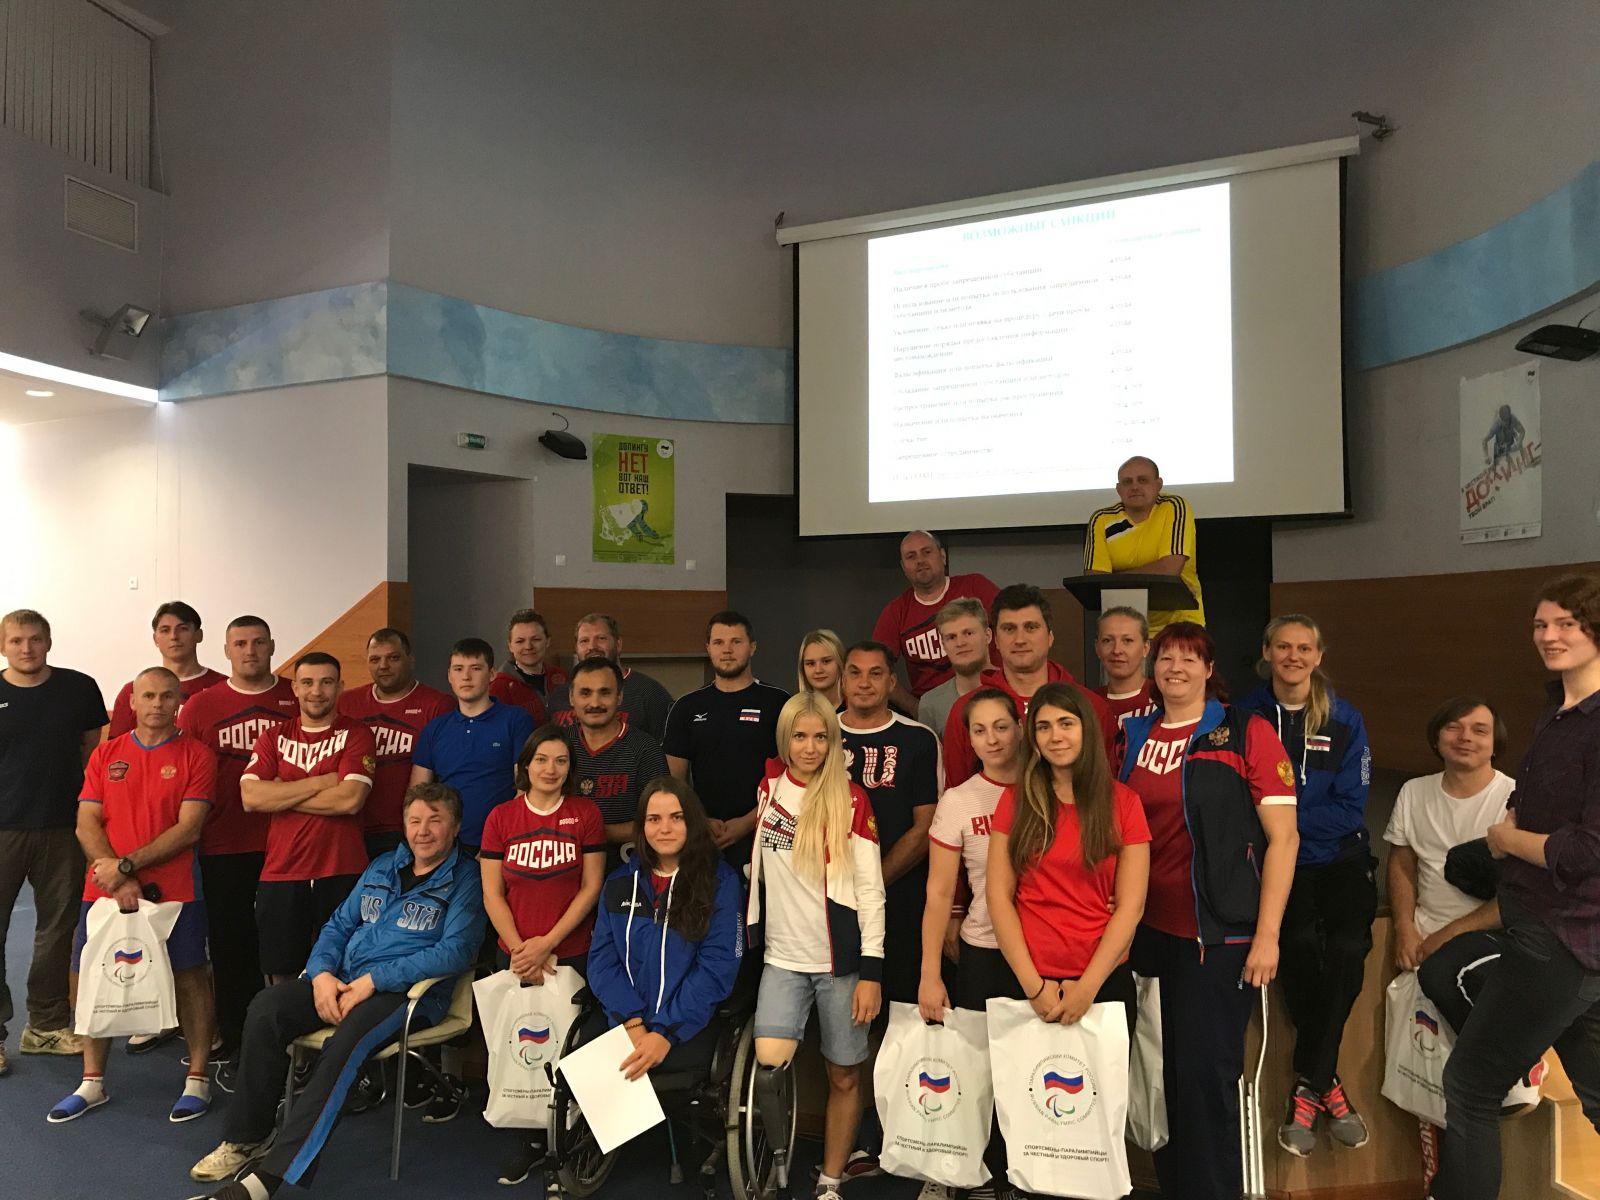 ПКР в г. Алексин (Тульская область) на РУТБ «ОКА» провел Антидопинговый семинар для членов сборных команд России по голболу спорта слепых (мужчины), следж-хоккею и волейболу сидя